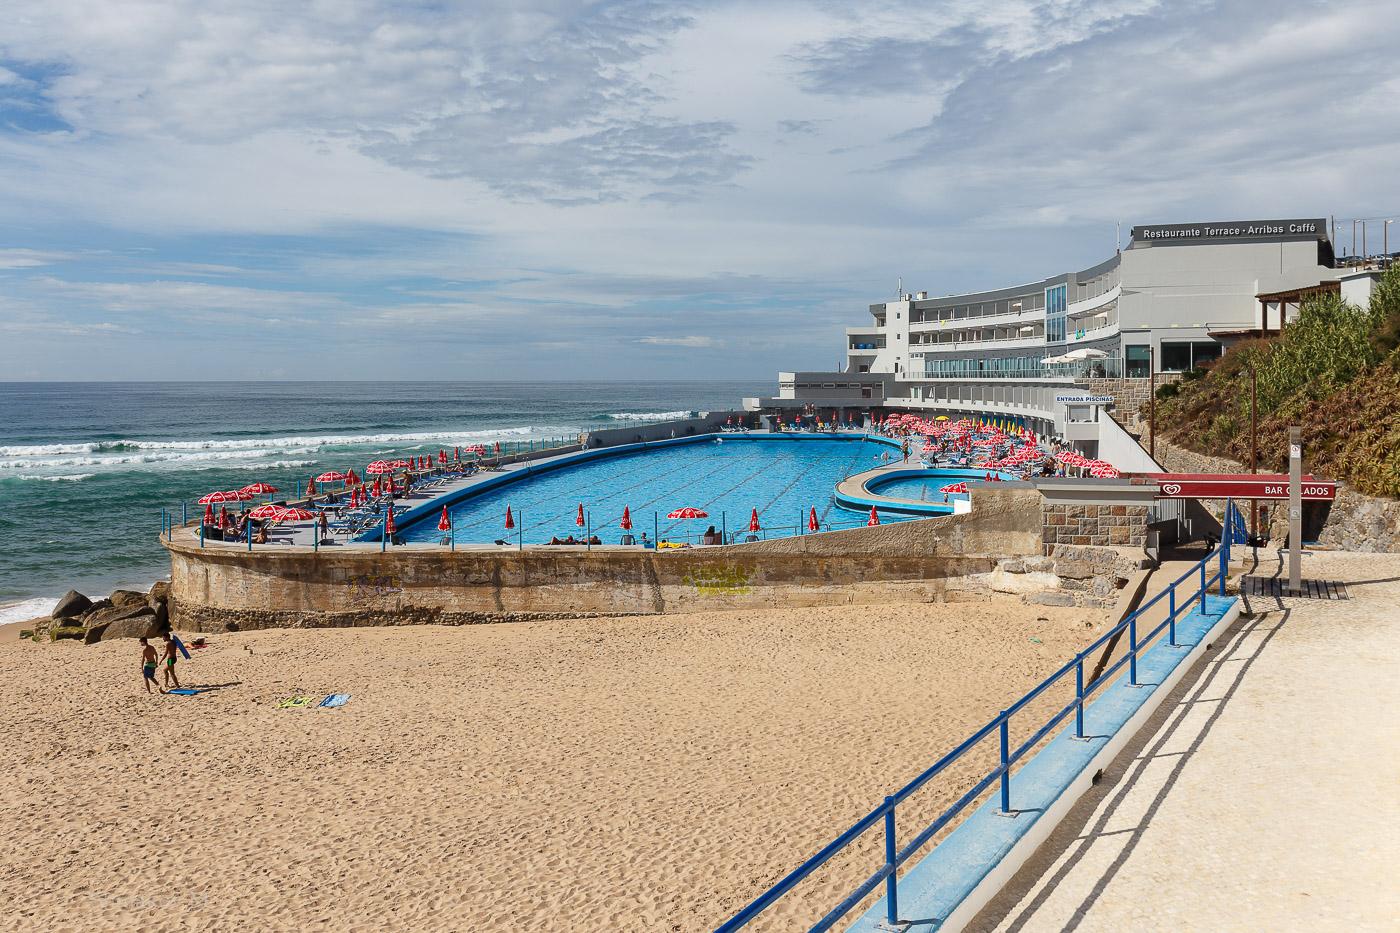 Фото № 2. Отель «Arribas Sintra Hotel», и бассейн. Объектив Canon EF 24-70, 1/500, 0.9, 100, 29